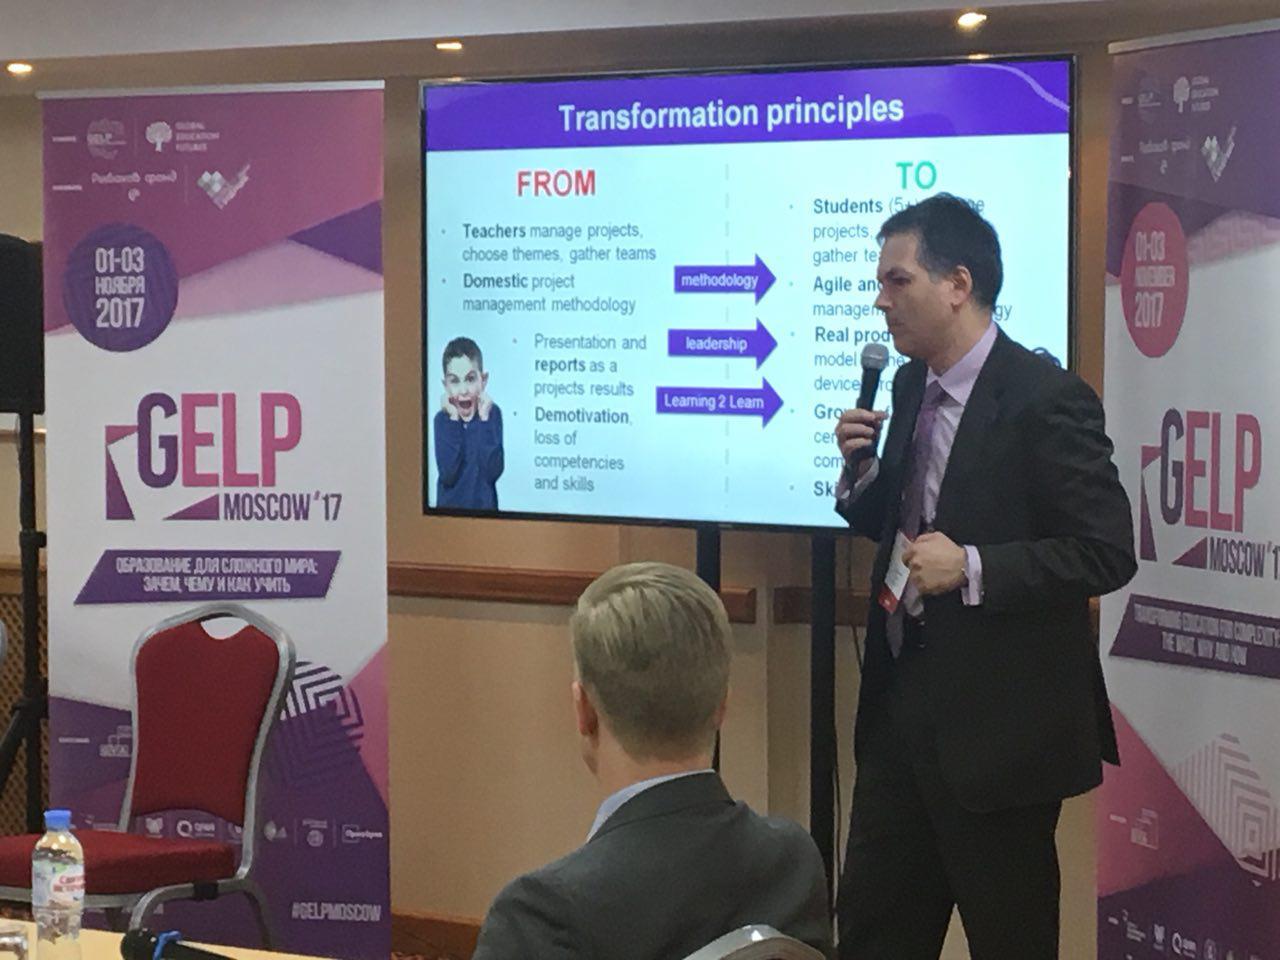 Саммит GELP, выступает Павел Давидович Рабинович